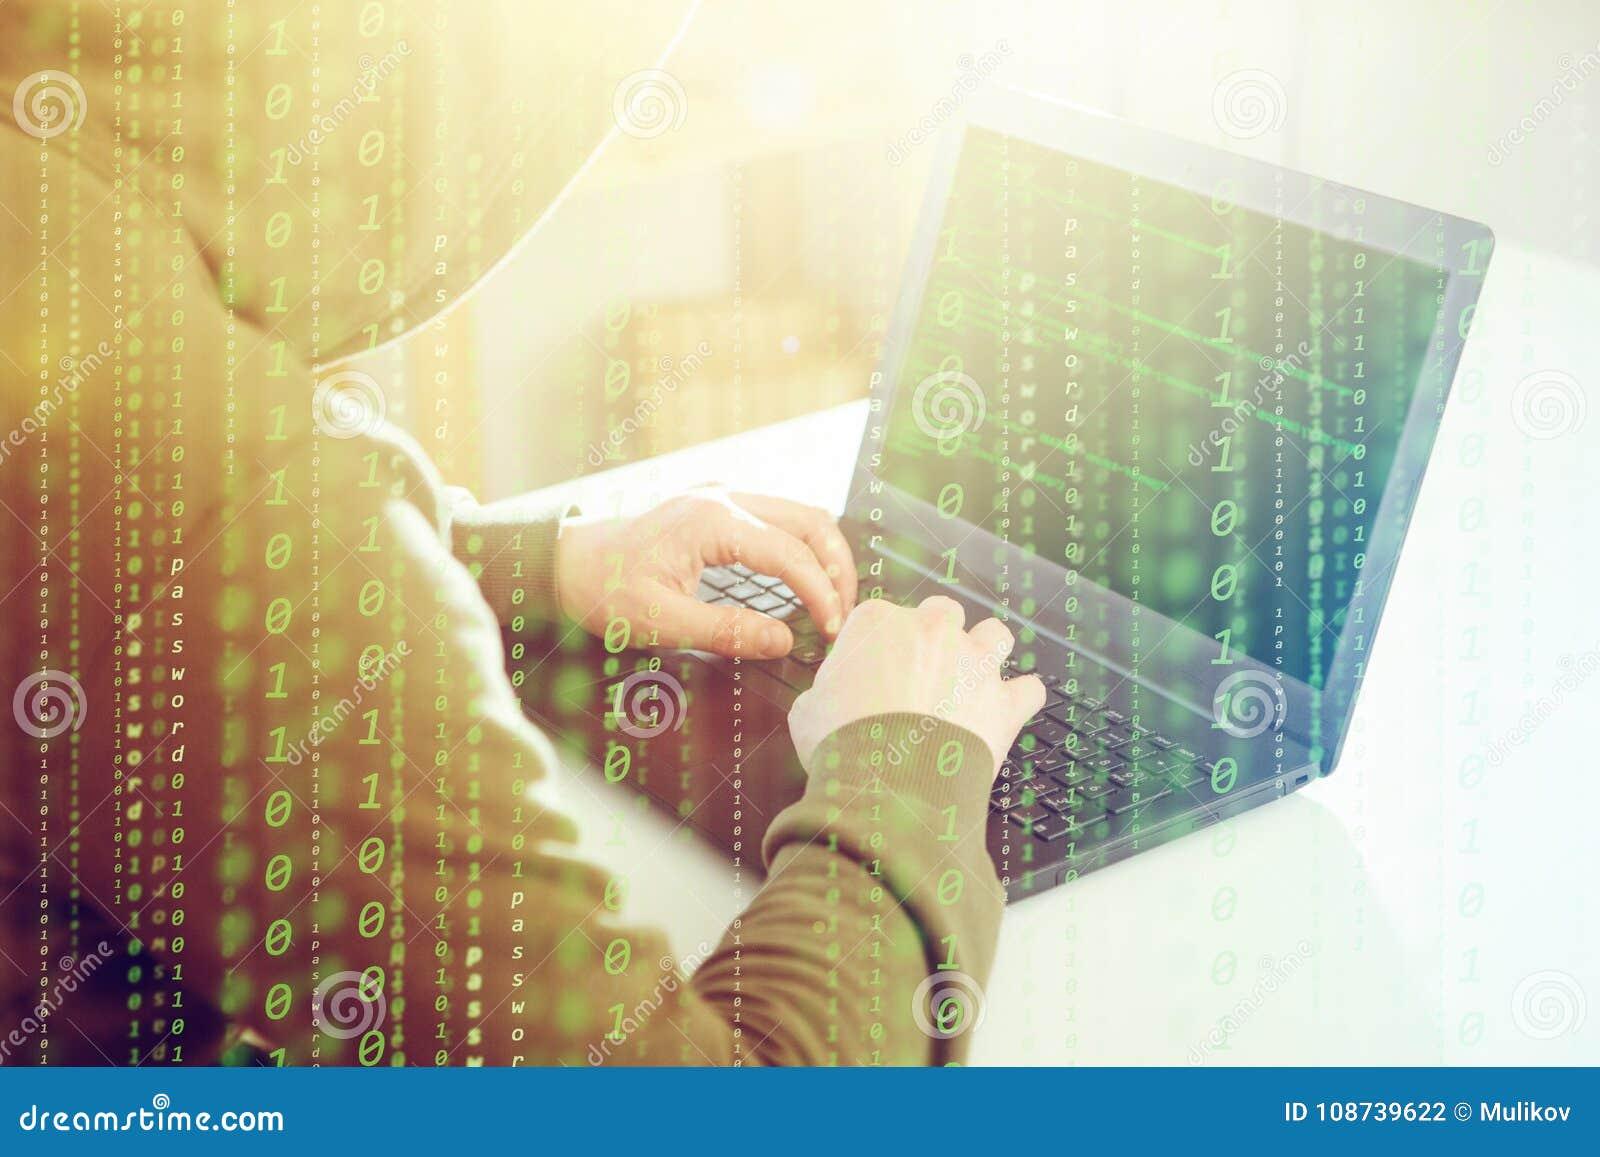 Le regard de programmeur de pirates informatiques sur l écran et écrit l information et le compte utilisateur d entaille de code